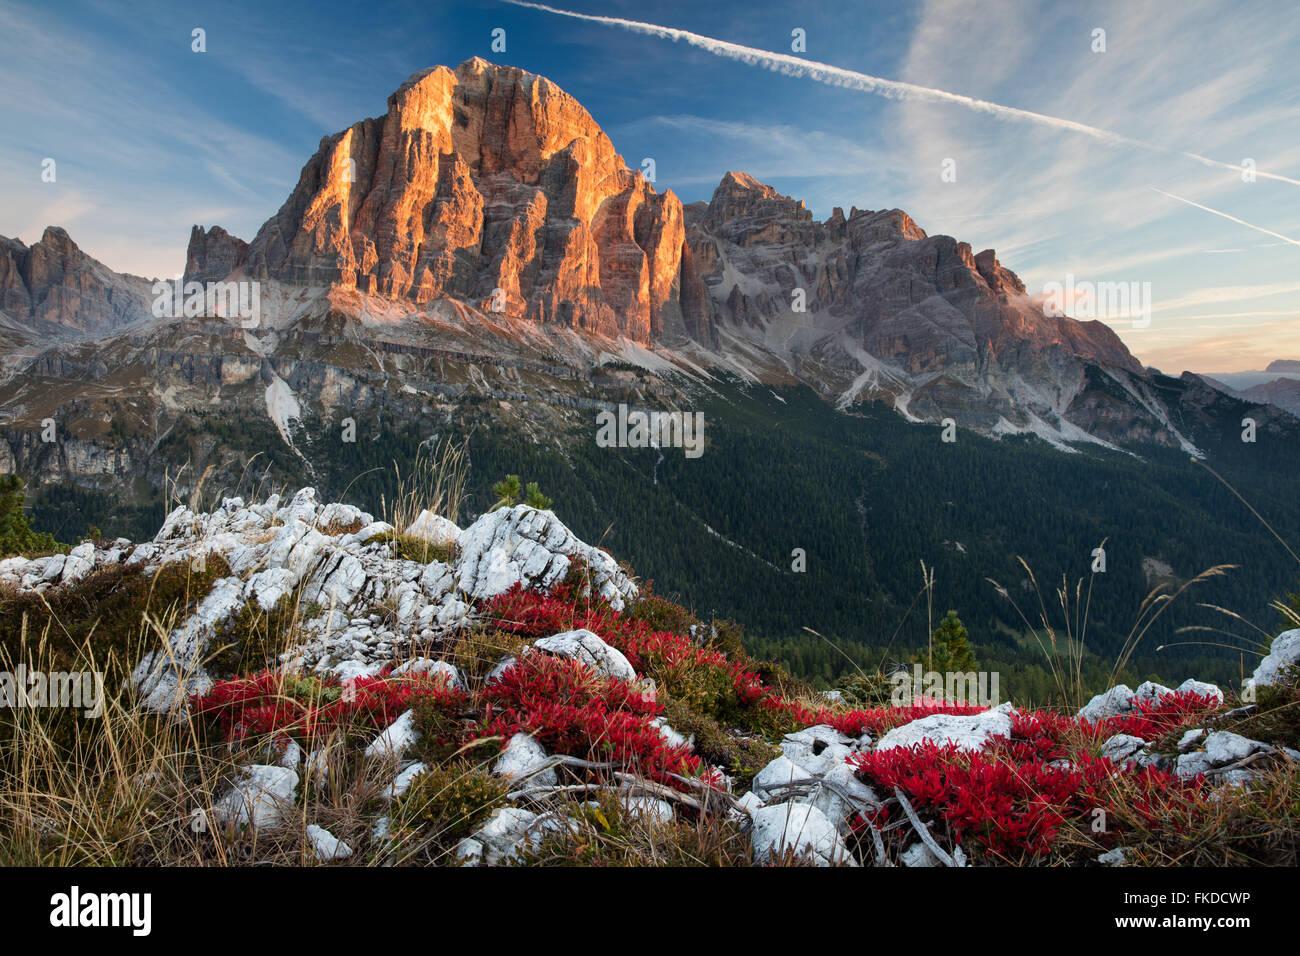 erstes Licht auf Tofana de Rozes von Cinque Torri, Dolomiten, Provinz Belluno, Region Venetien, Italien Stockbild